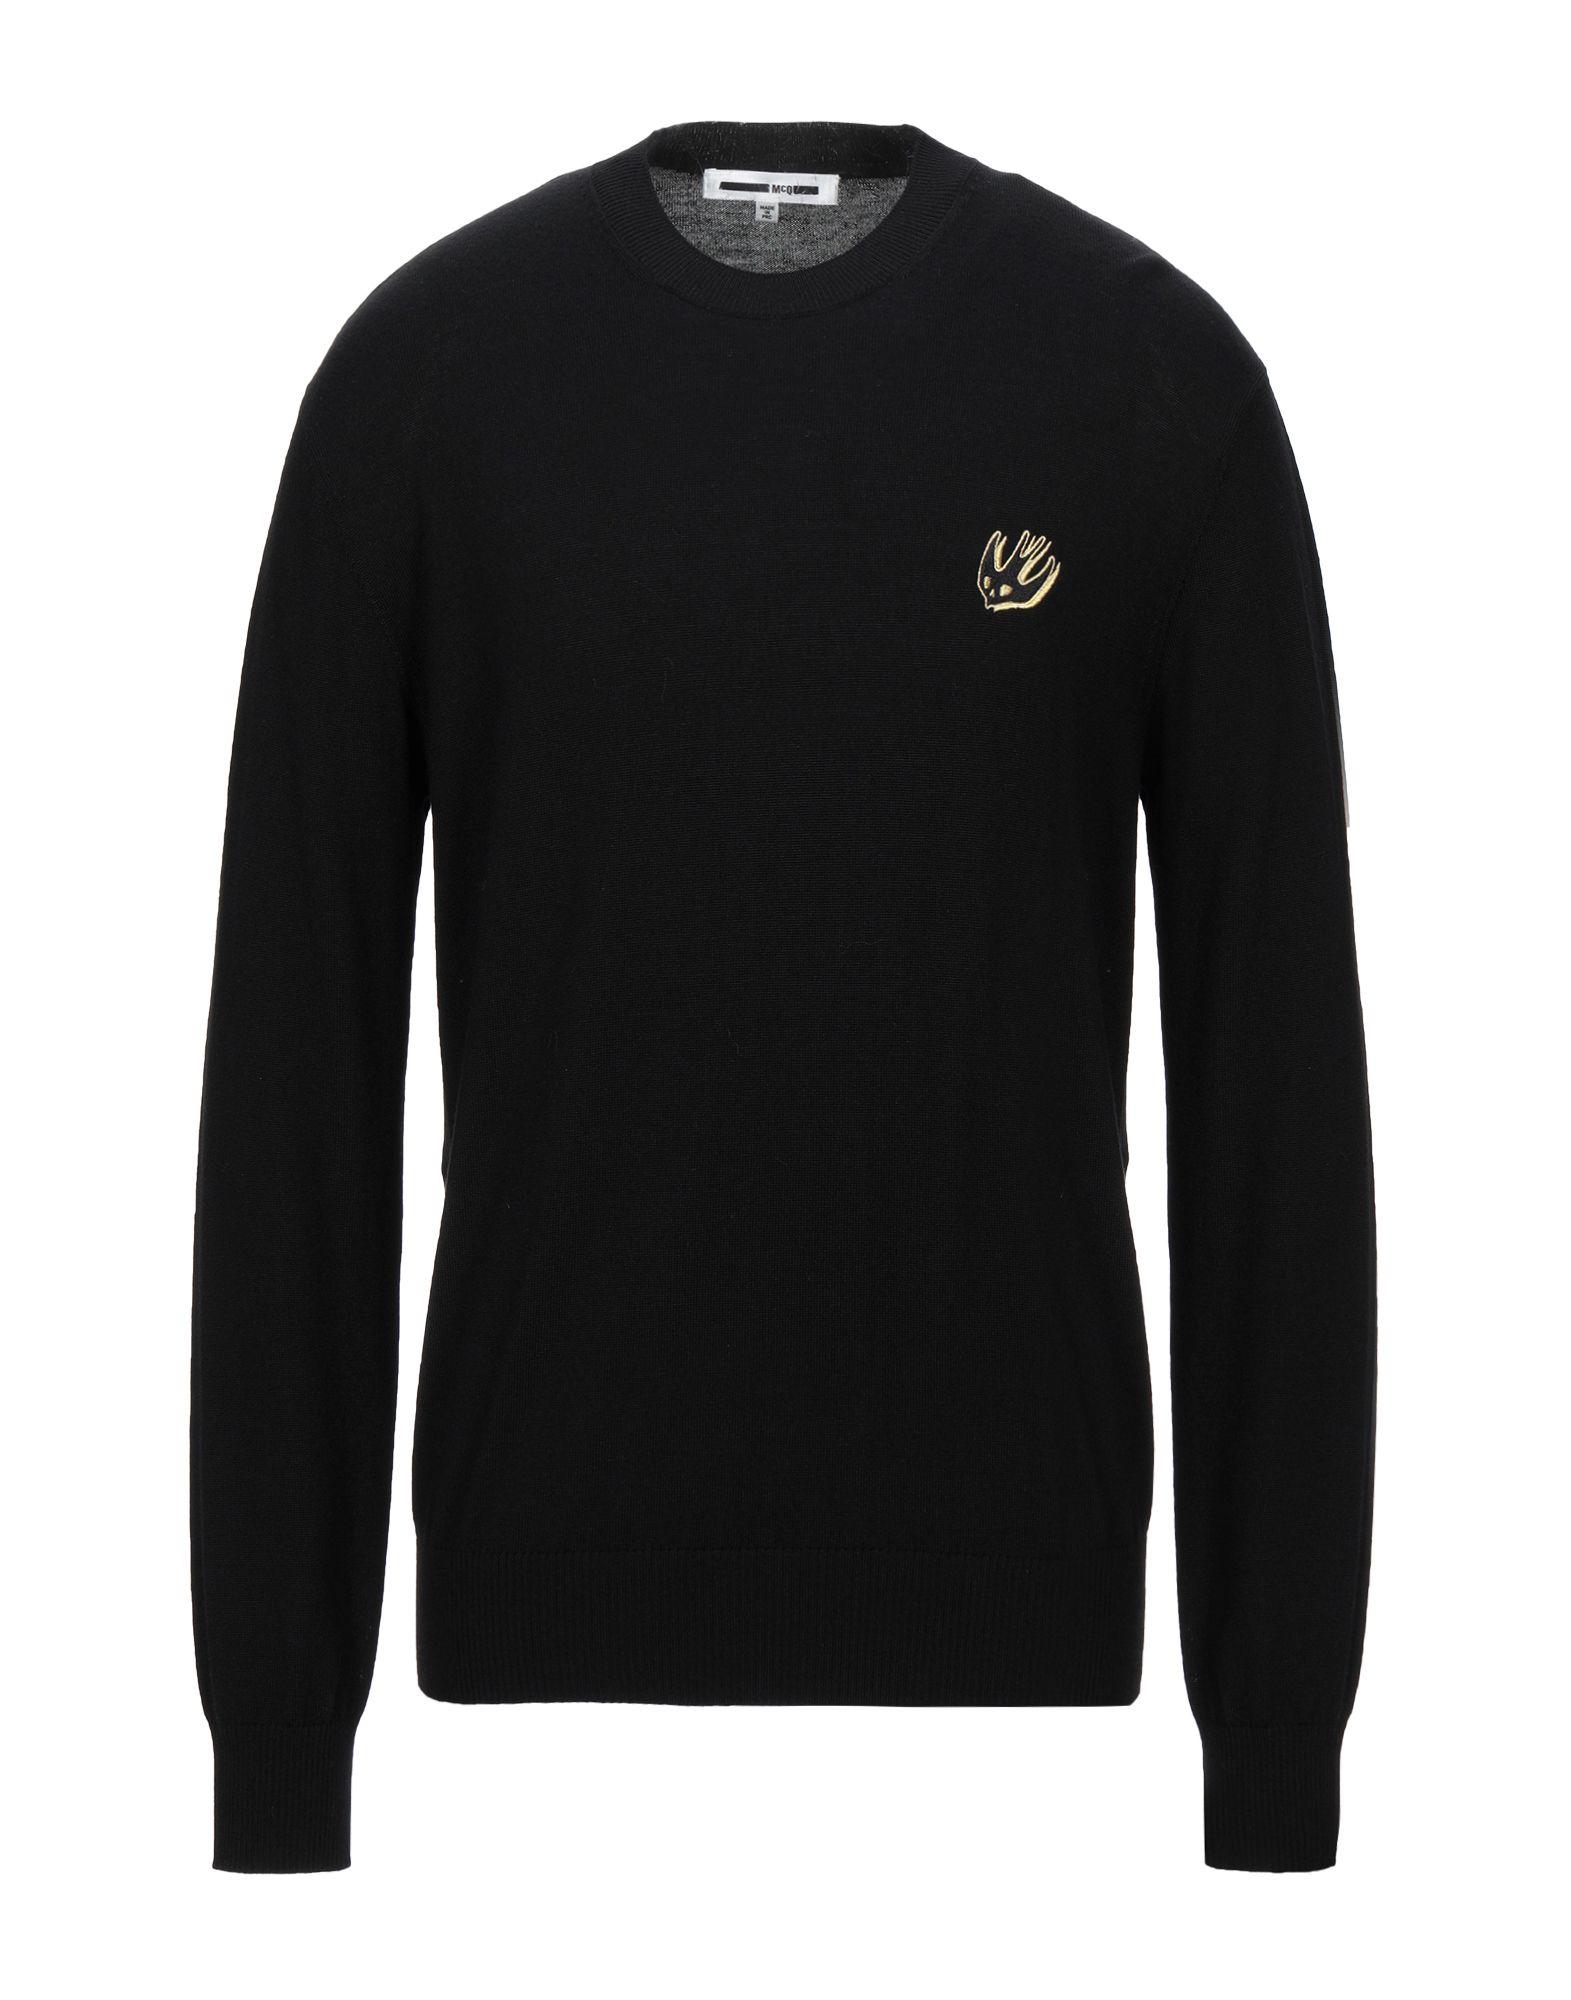 McQ Alexander McQueen Sweaters - Item 12499994